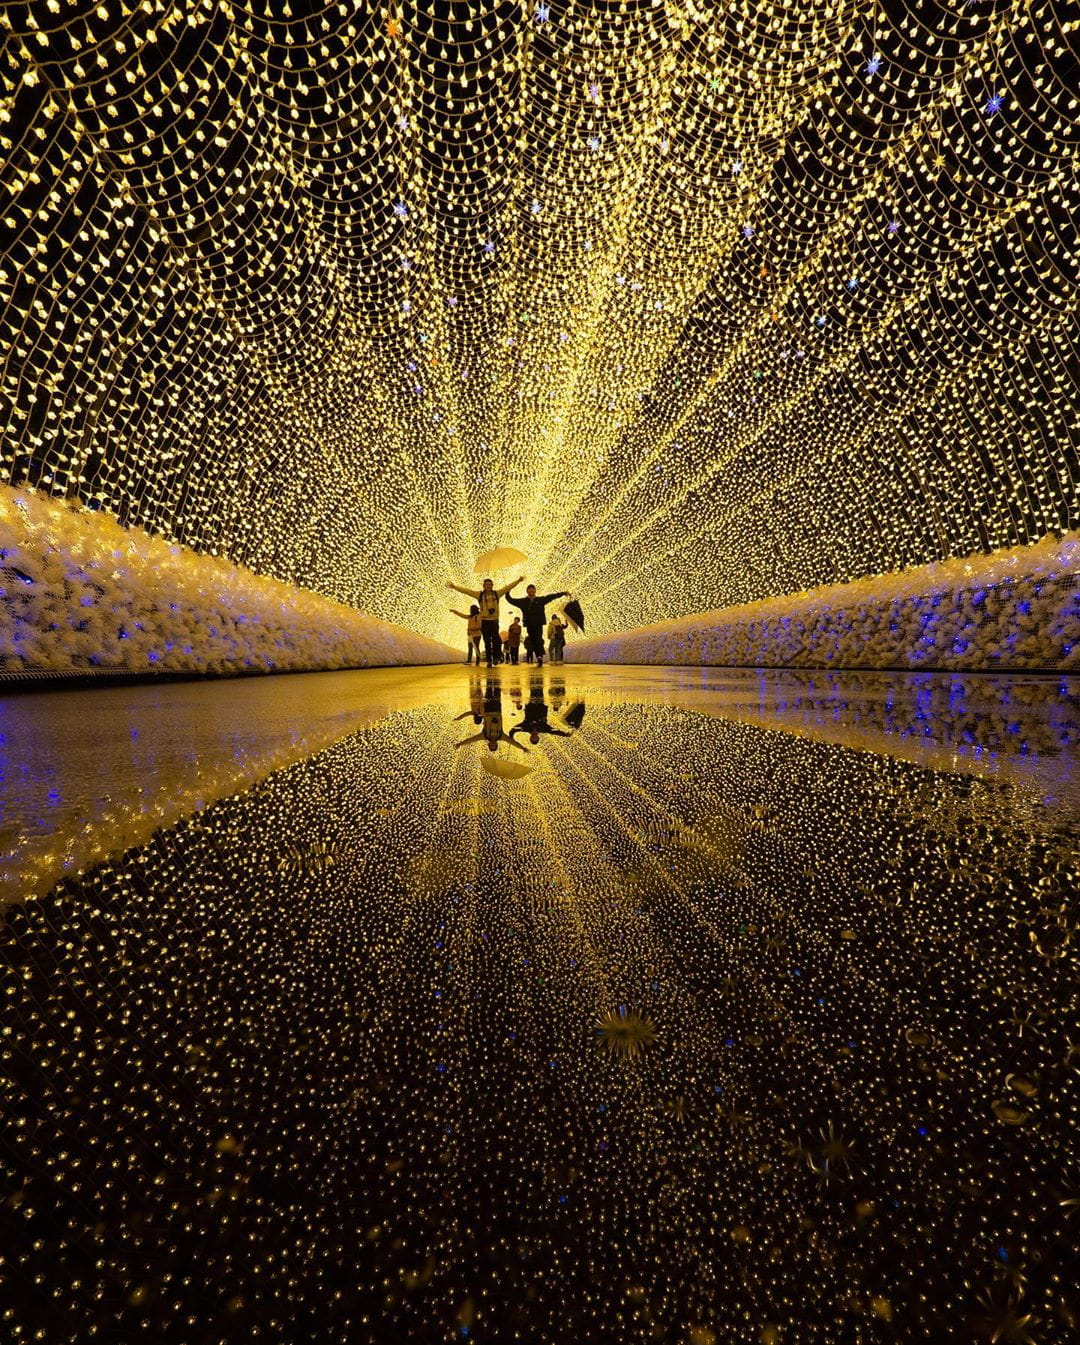 Tunnel of Light Art Installation